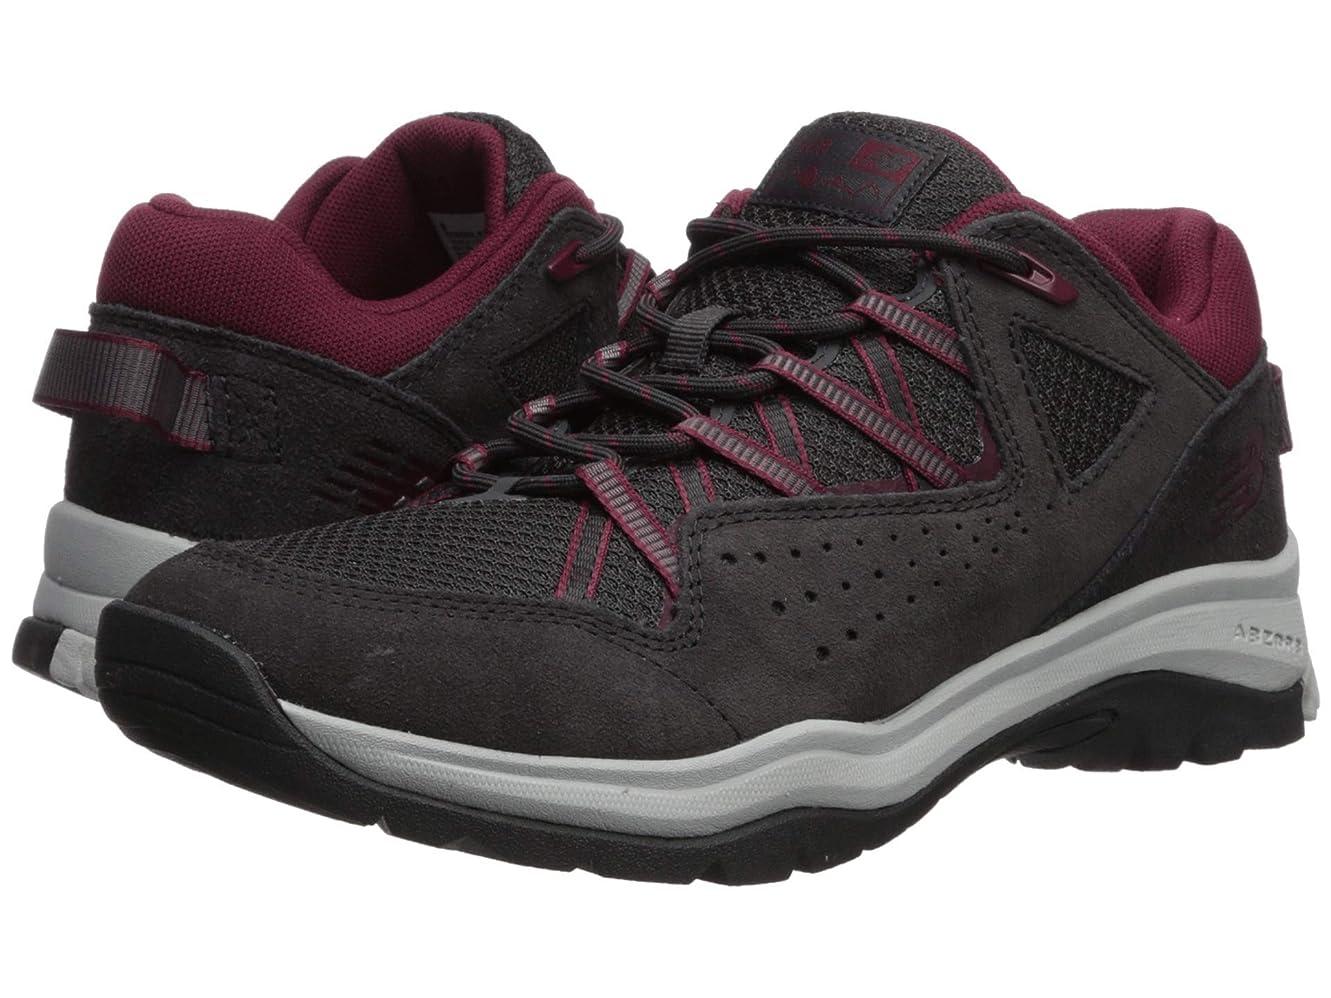 コンバーチブル実質的決してレディースウォーキングシューズ?靴 669v2 Phantom/Sedona 6.5 (23.5cm) D - Wide [並行輸入品]